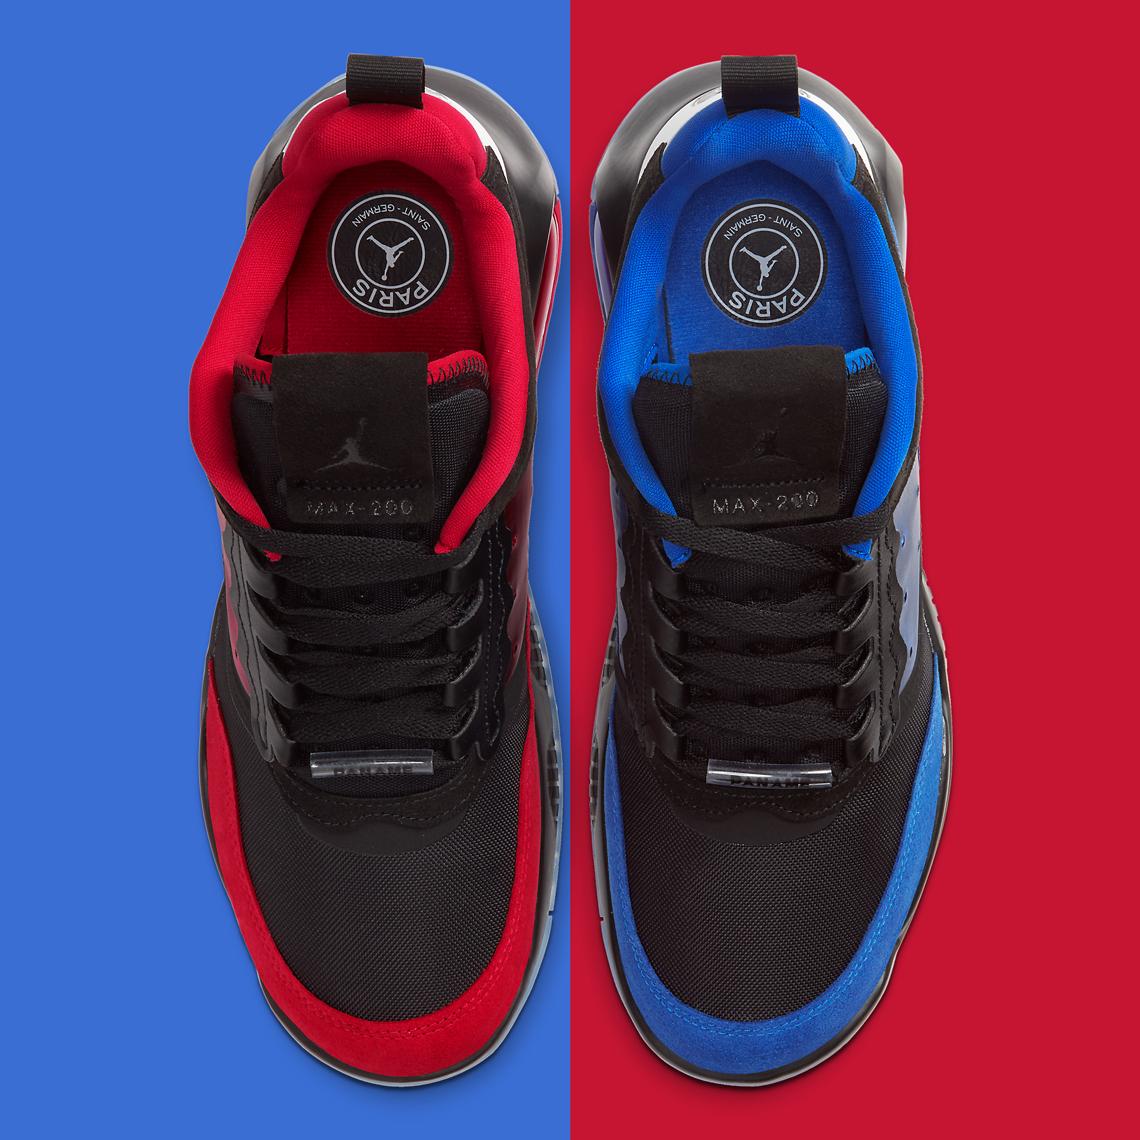 Jordan Air Max 200 PSG Paris CV8452-001 | SneakerNews.com